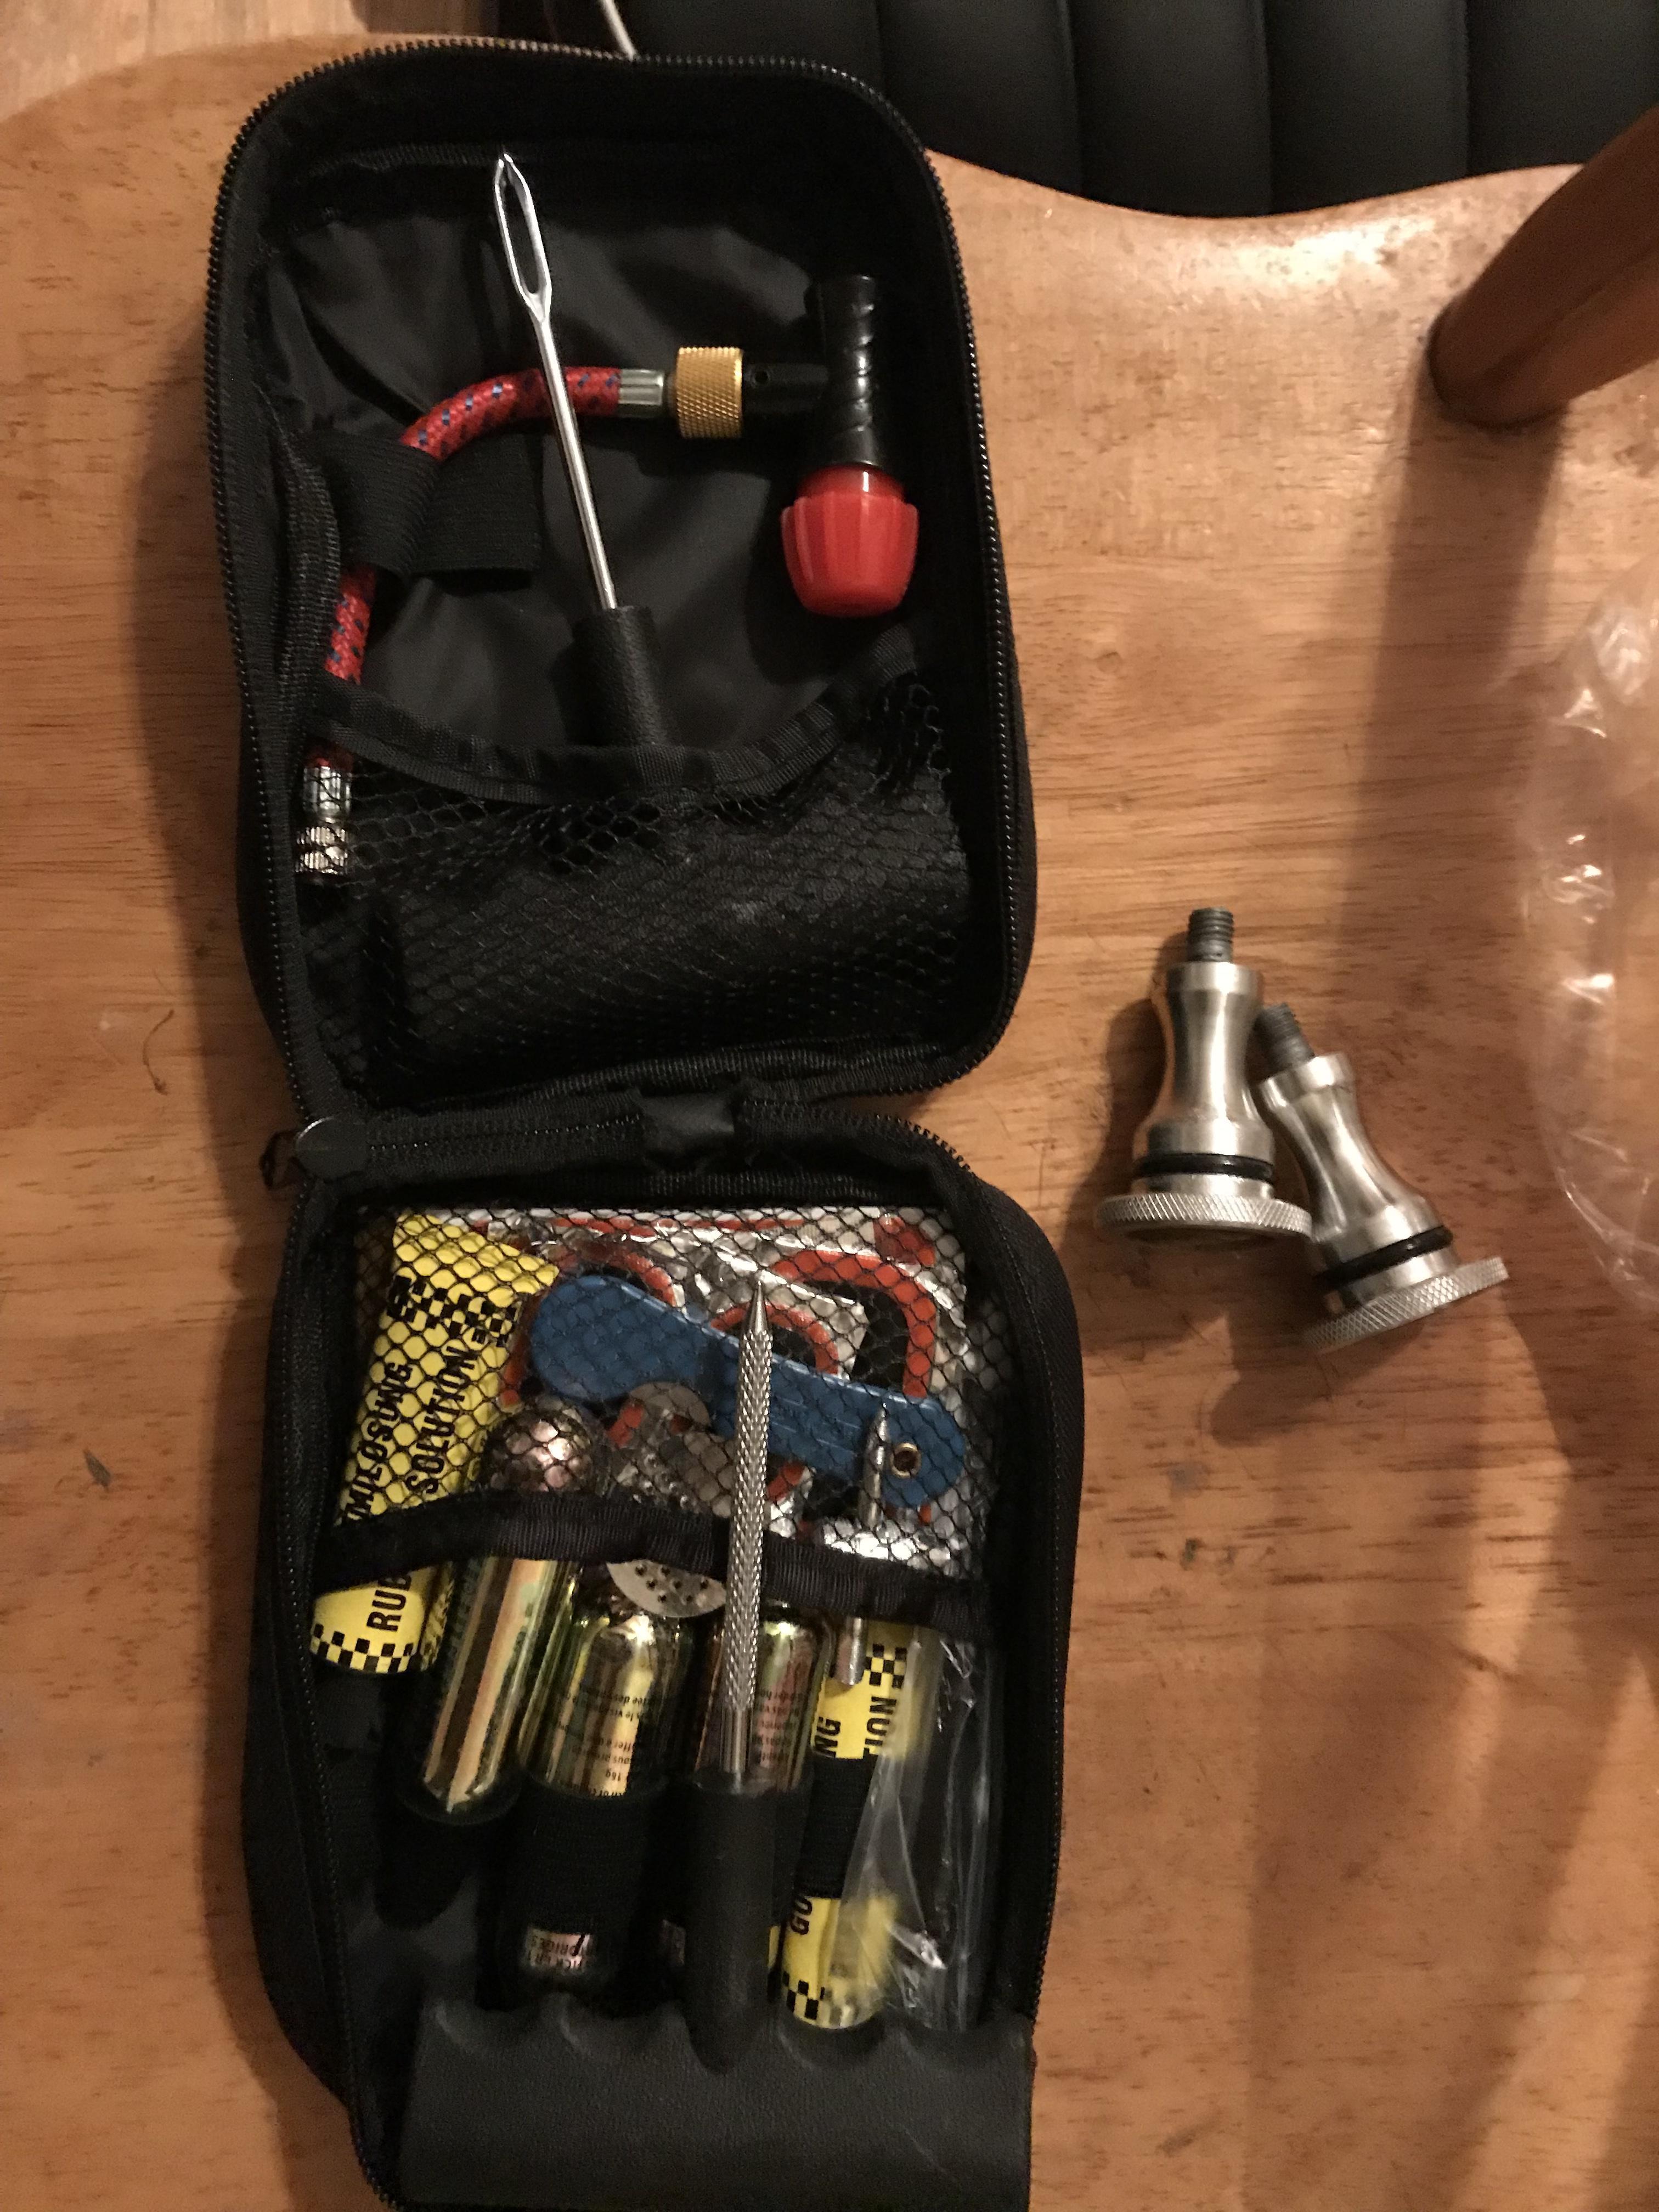 Tusk Tire Repair Kit-6c855985-0d72-4306-b26e-7595cae0cbe6_1572563487676.jpeg